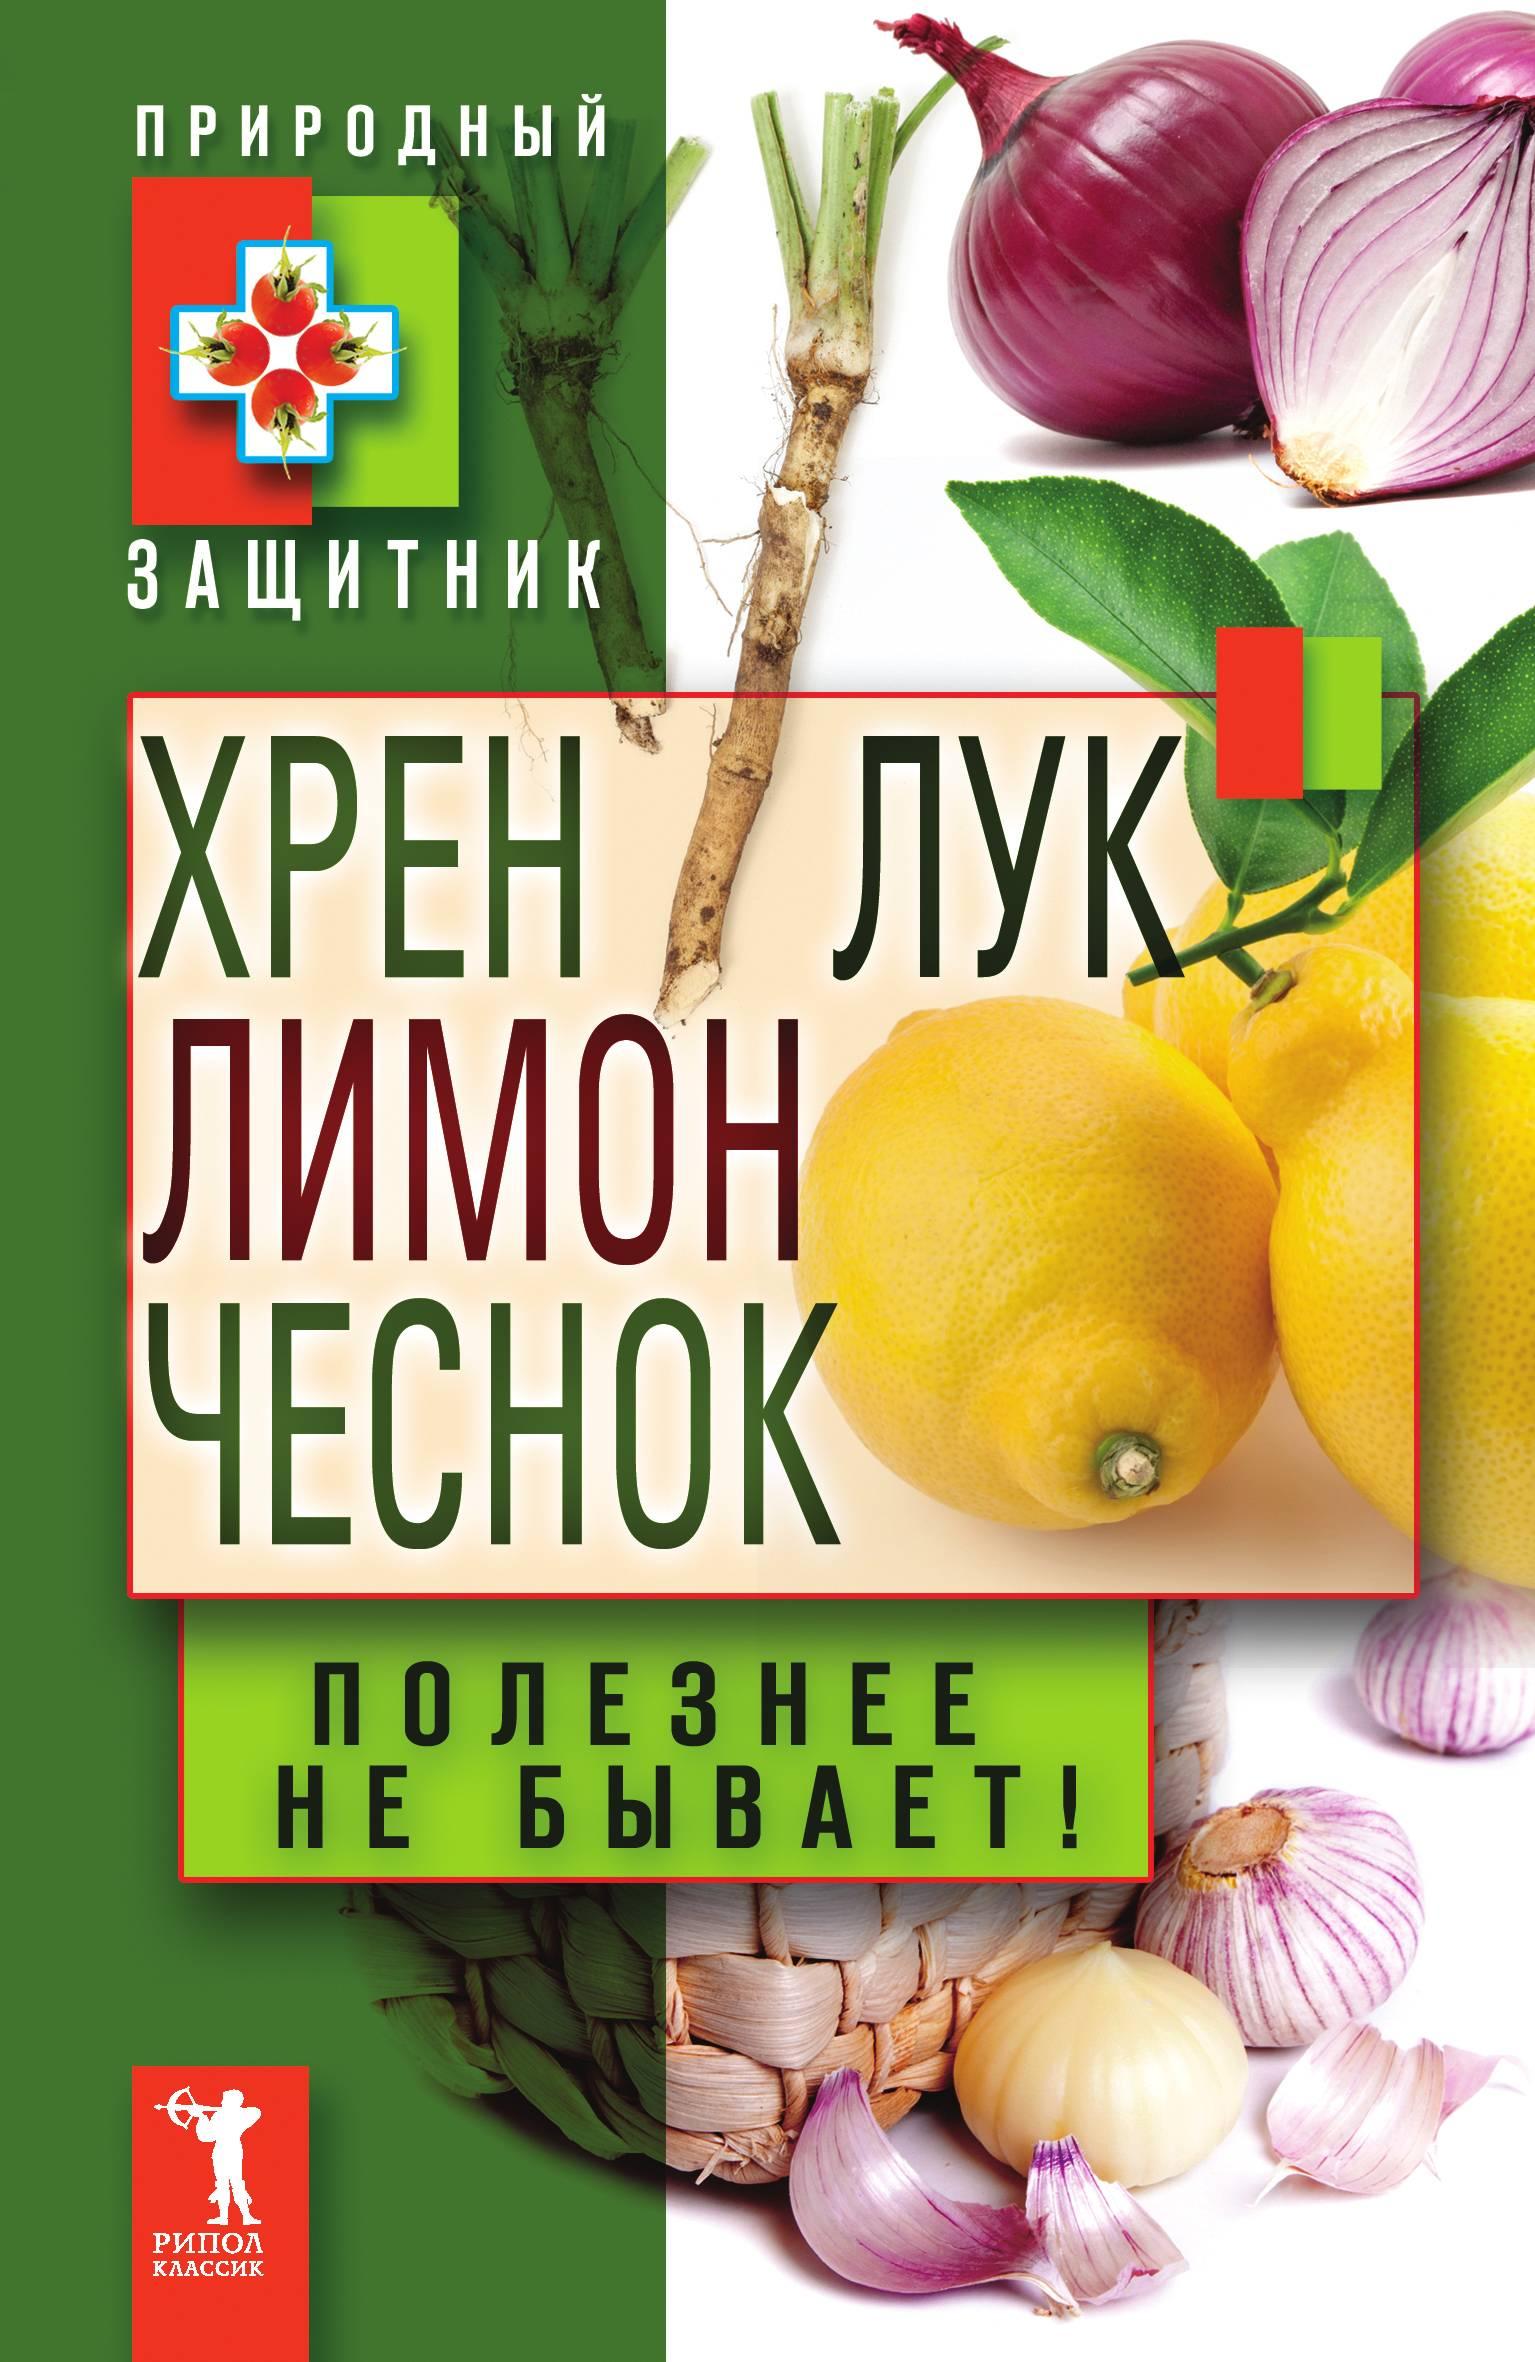 Как сохранить озимый чеснок с осени и можно ли его сажать весной? пошаговая инструкция по выращиванию в это время